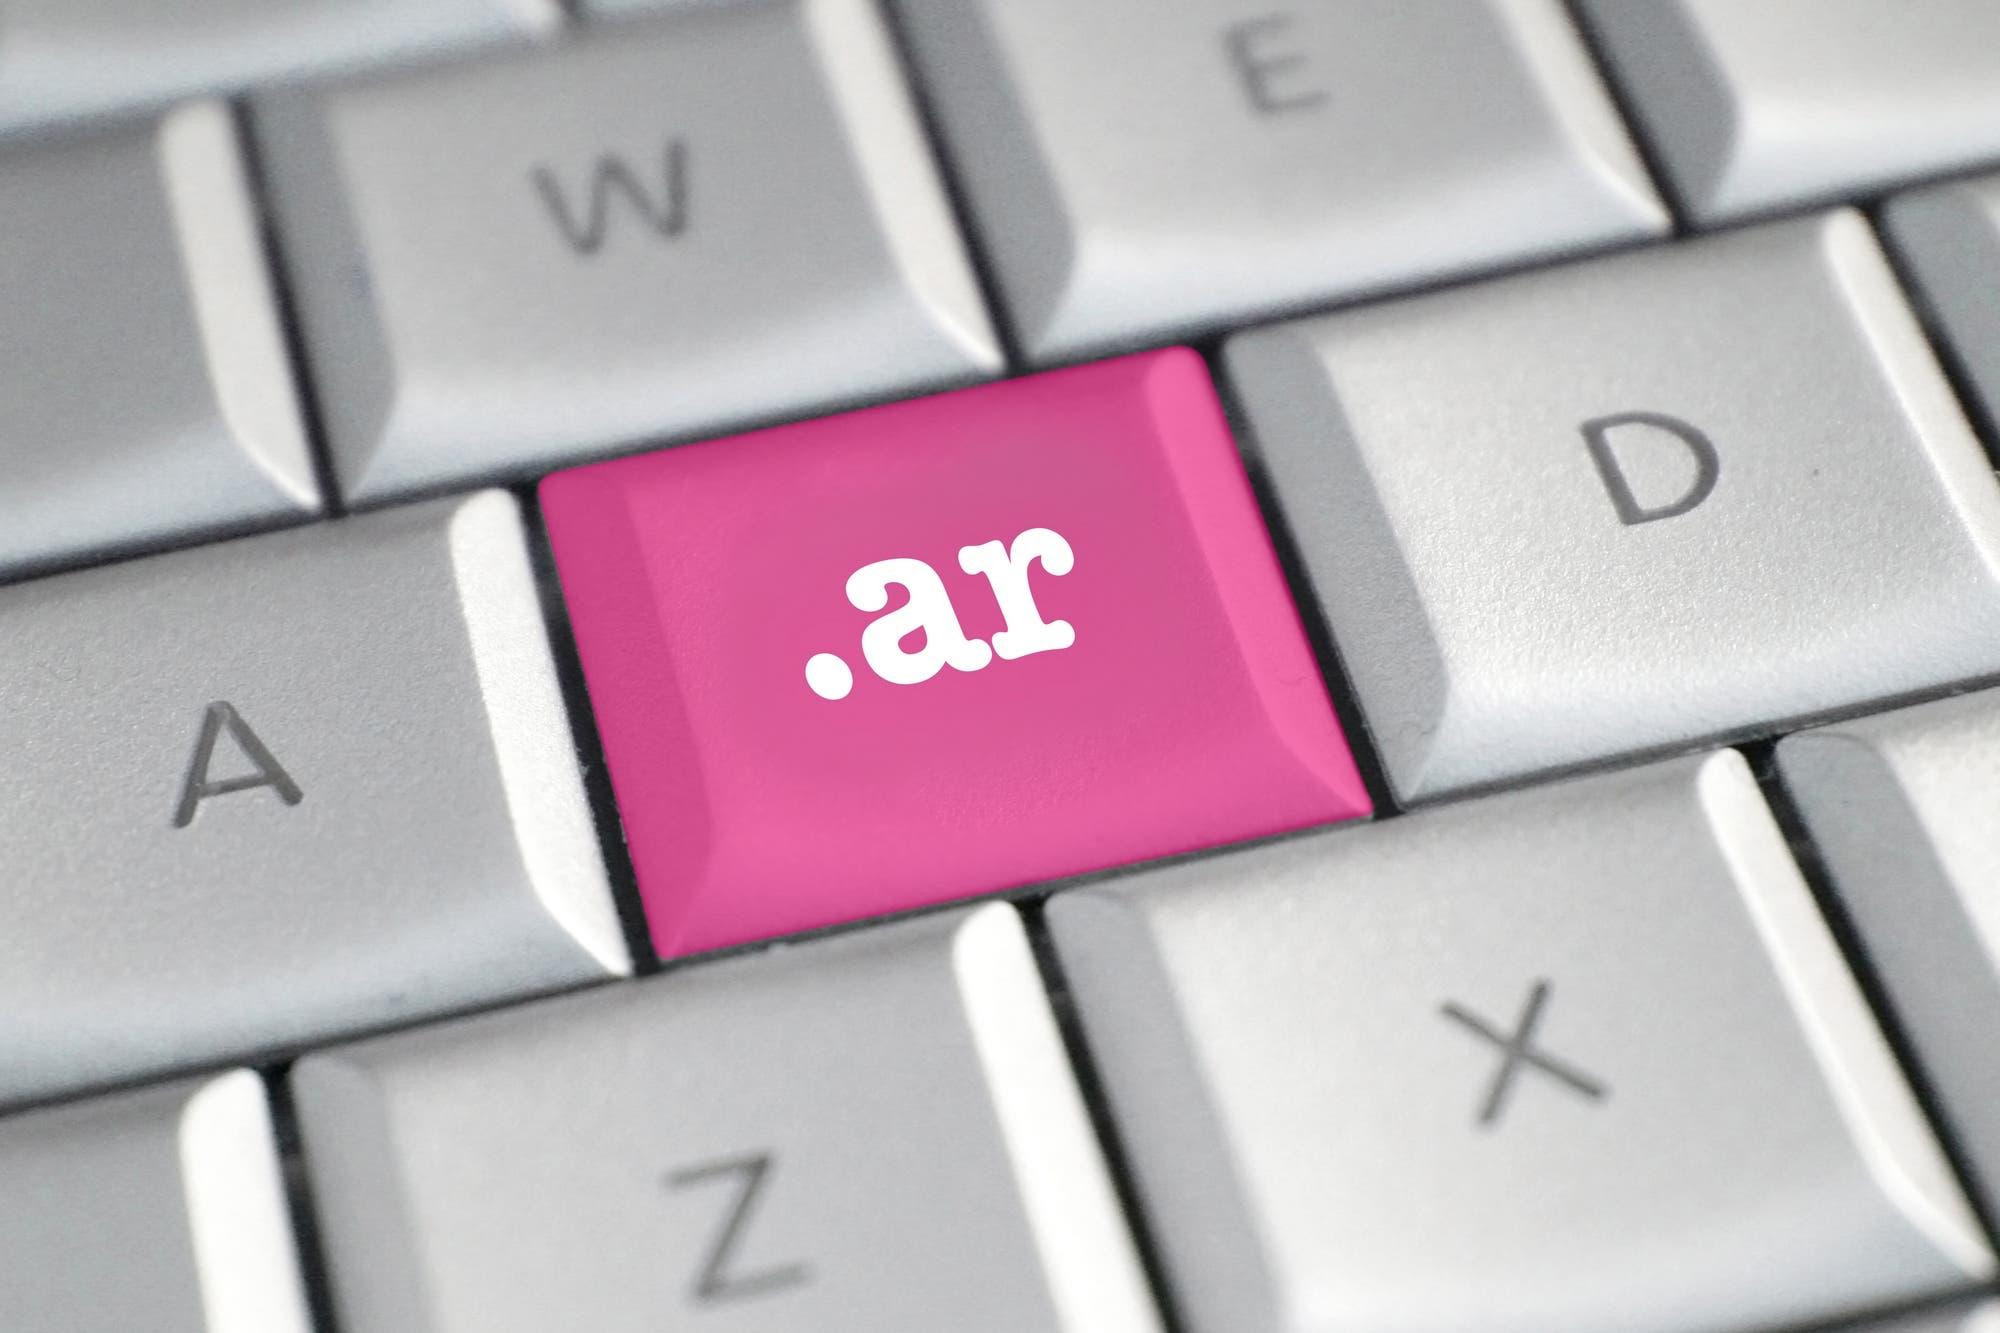 NIC Argentina anuncia la disponibilidad pública de los dominios .AR desde este mes